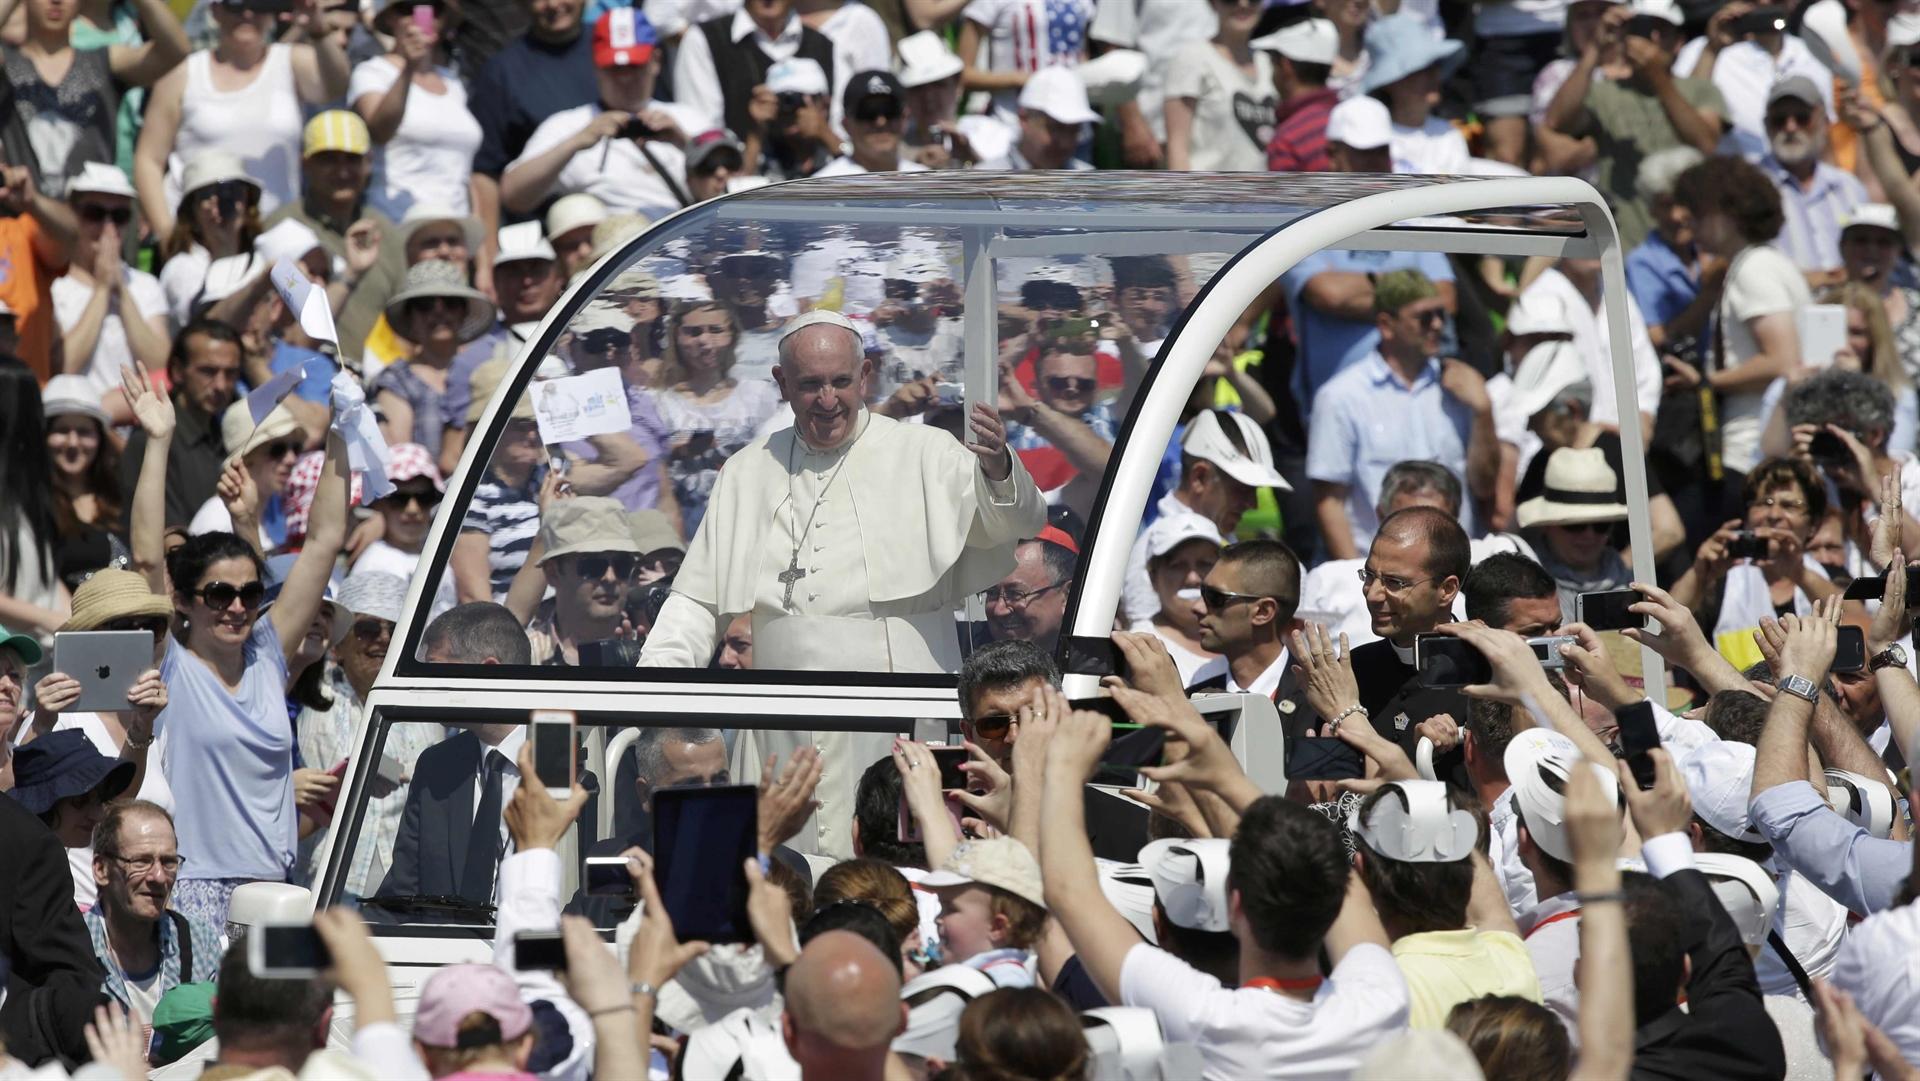 Katolički i pravoslavni Uskrs slavit će se na isti dan? | Visokoin ...